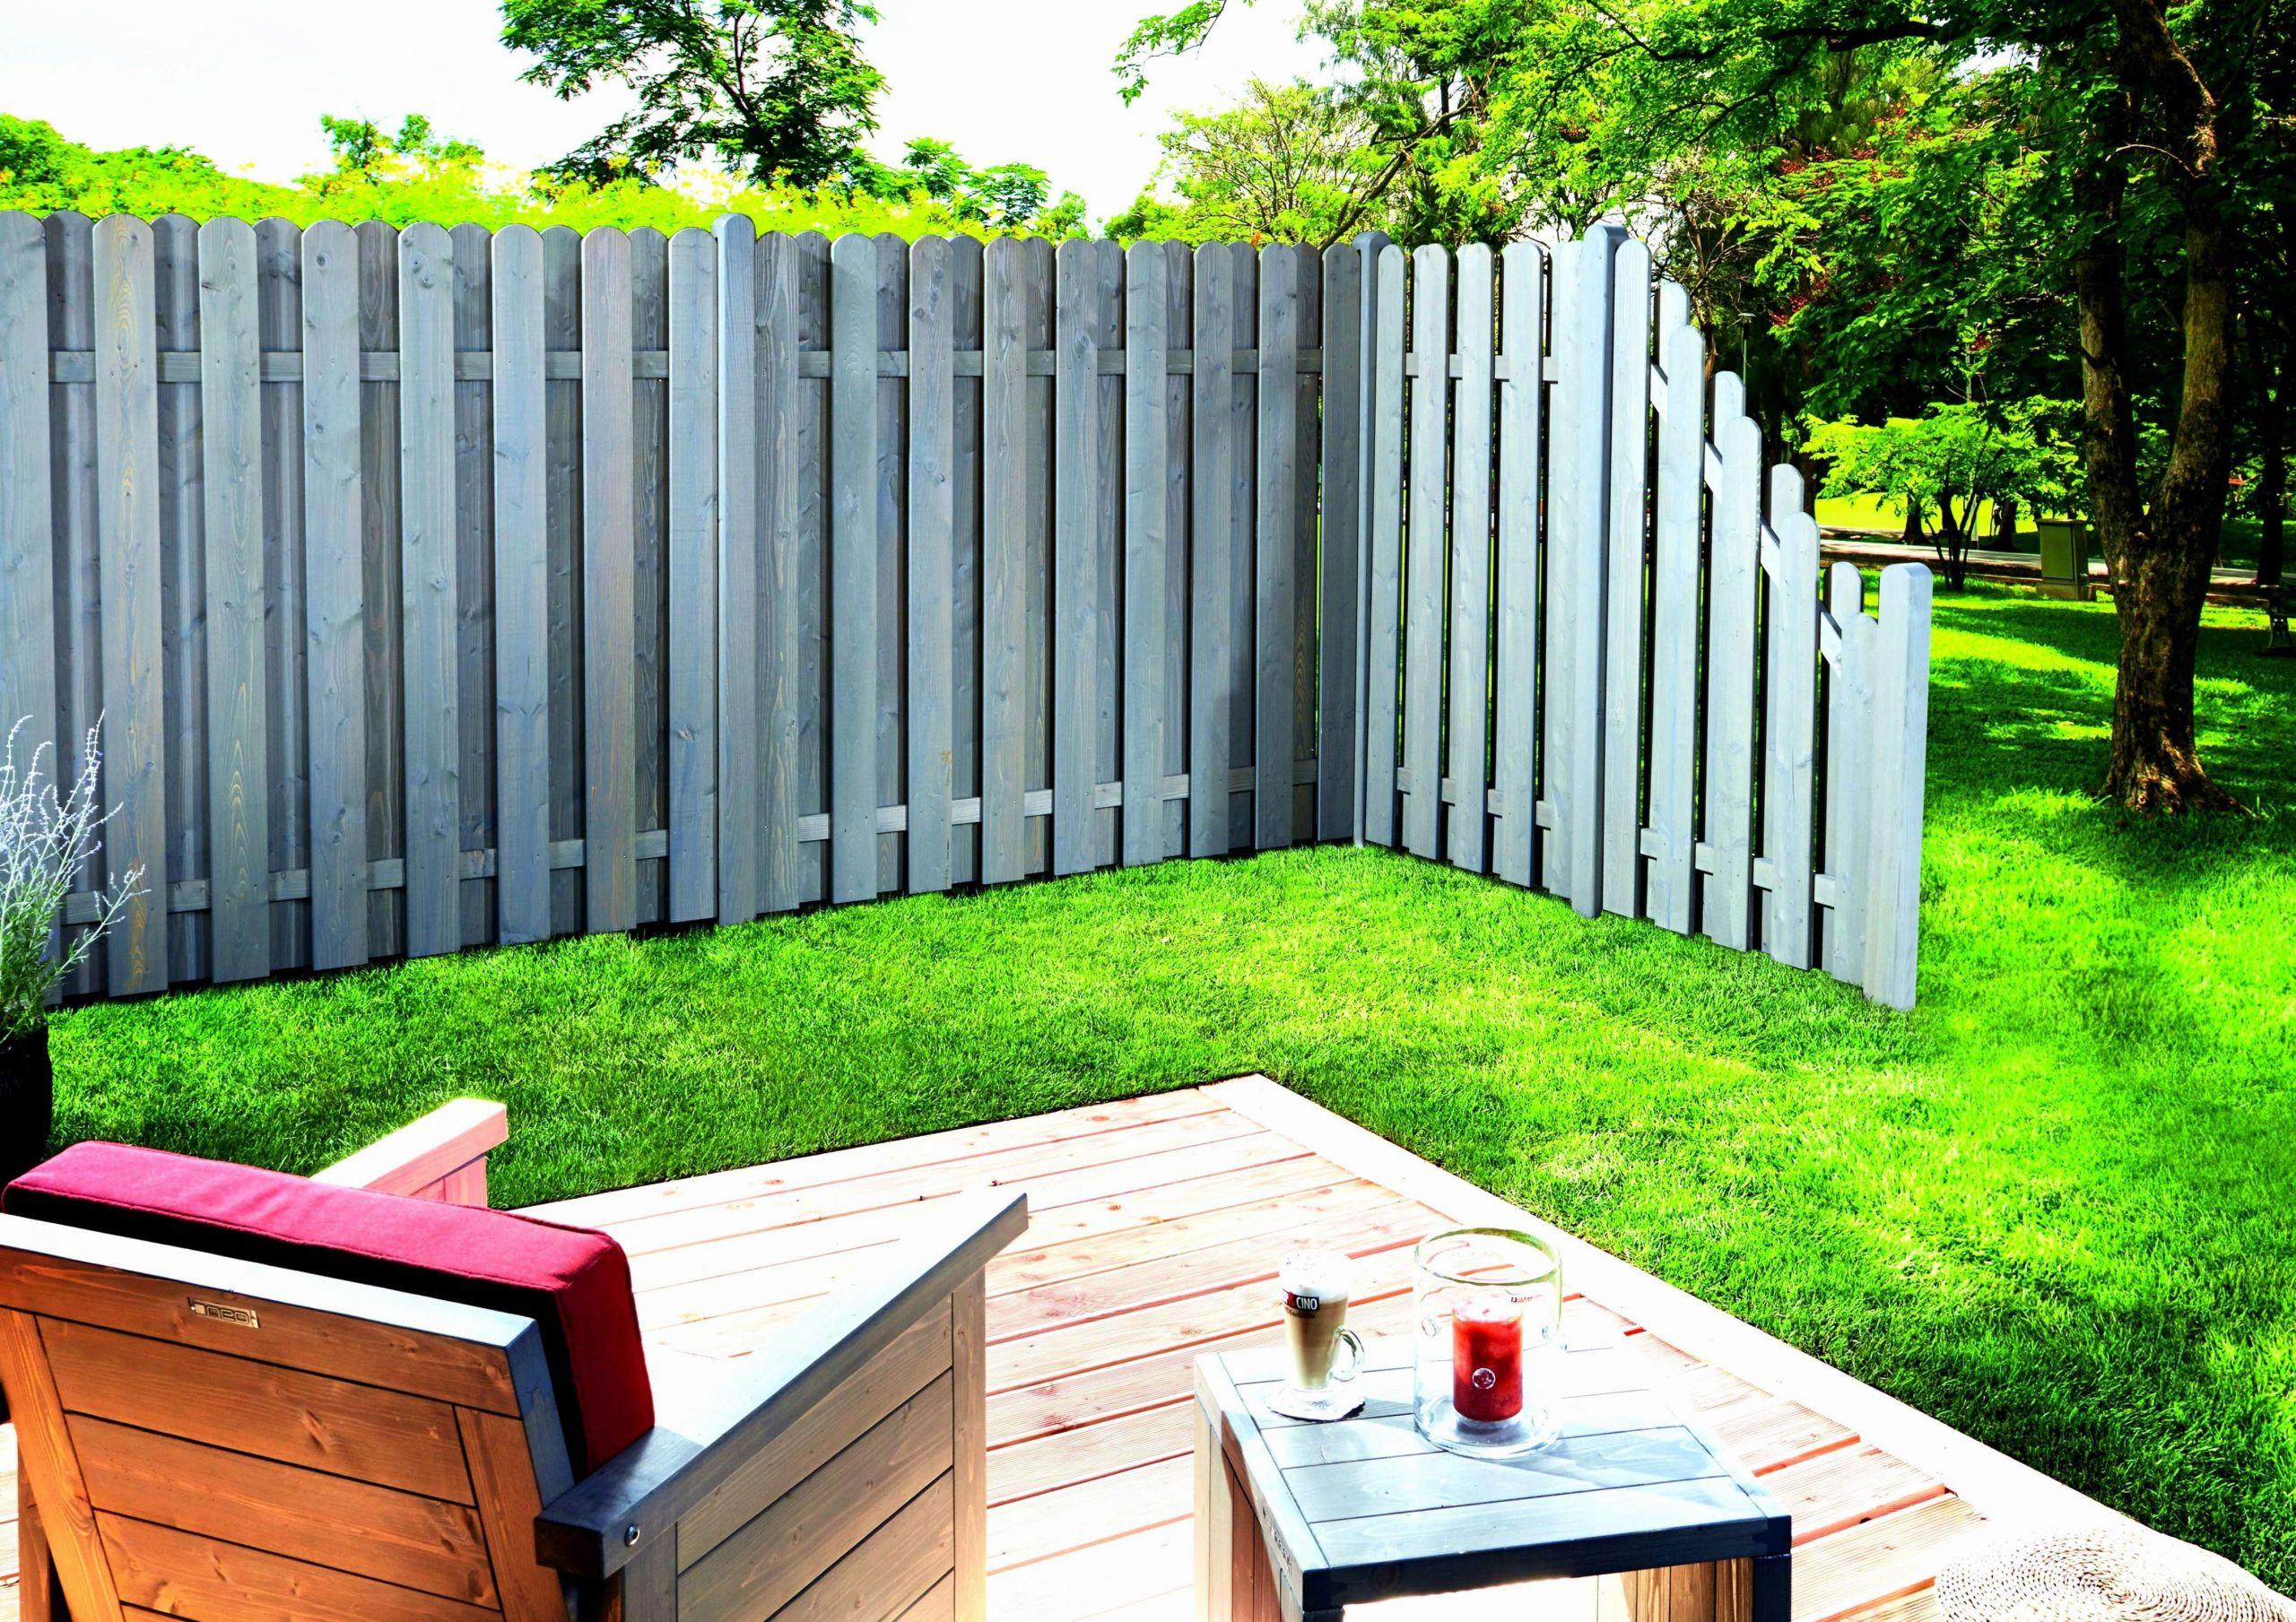 Rutschen Für Den Garten Neu Grüner Sichtschutz Im Garten — Temobardz Home Blog